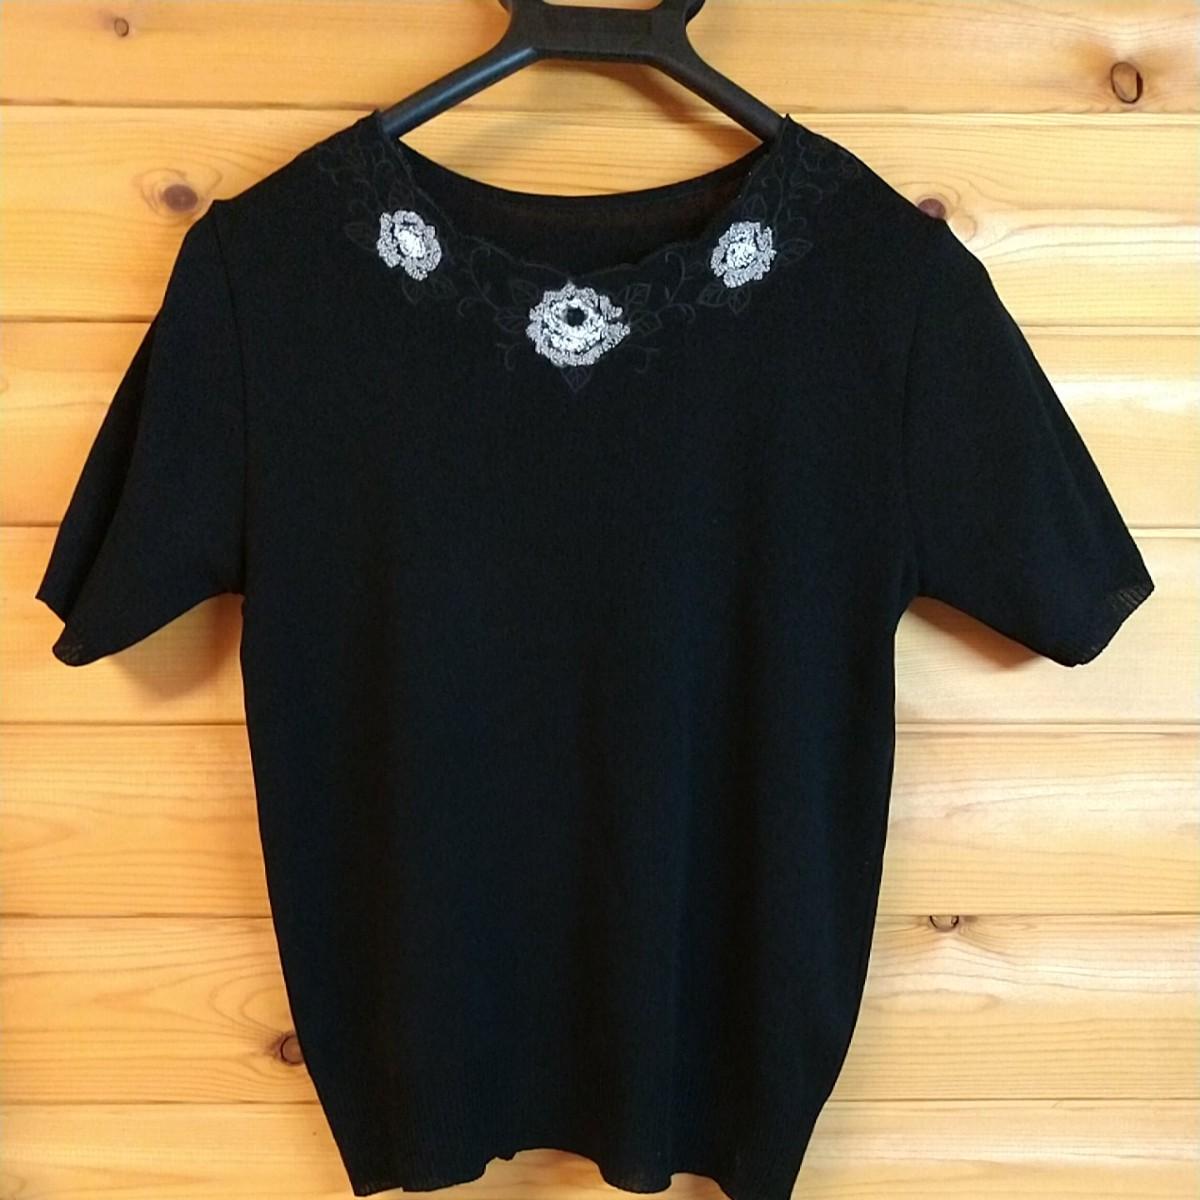 サマーニット トップス 半袖 ブラック花刺繍 昭和レトロ   レディース